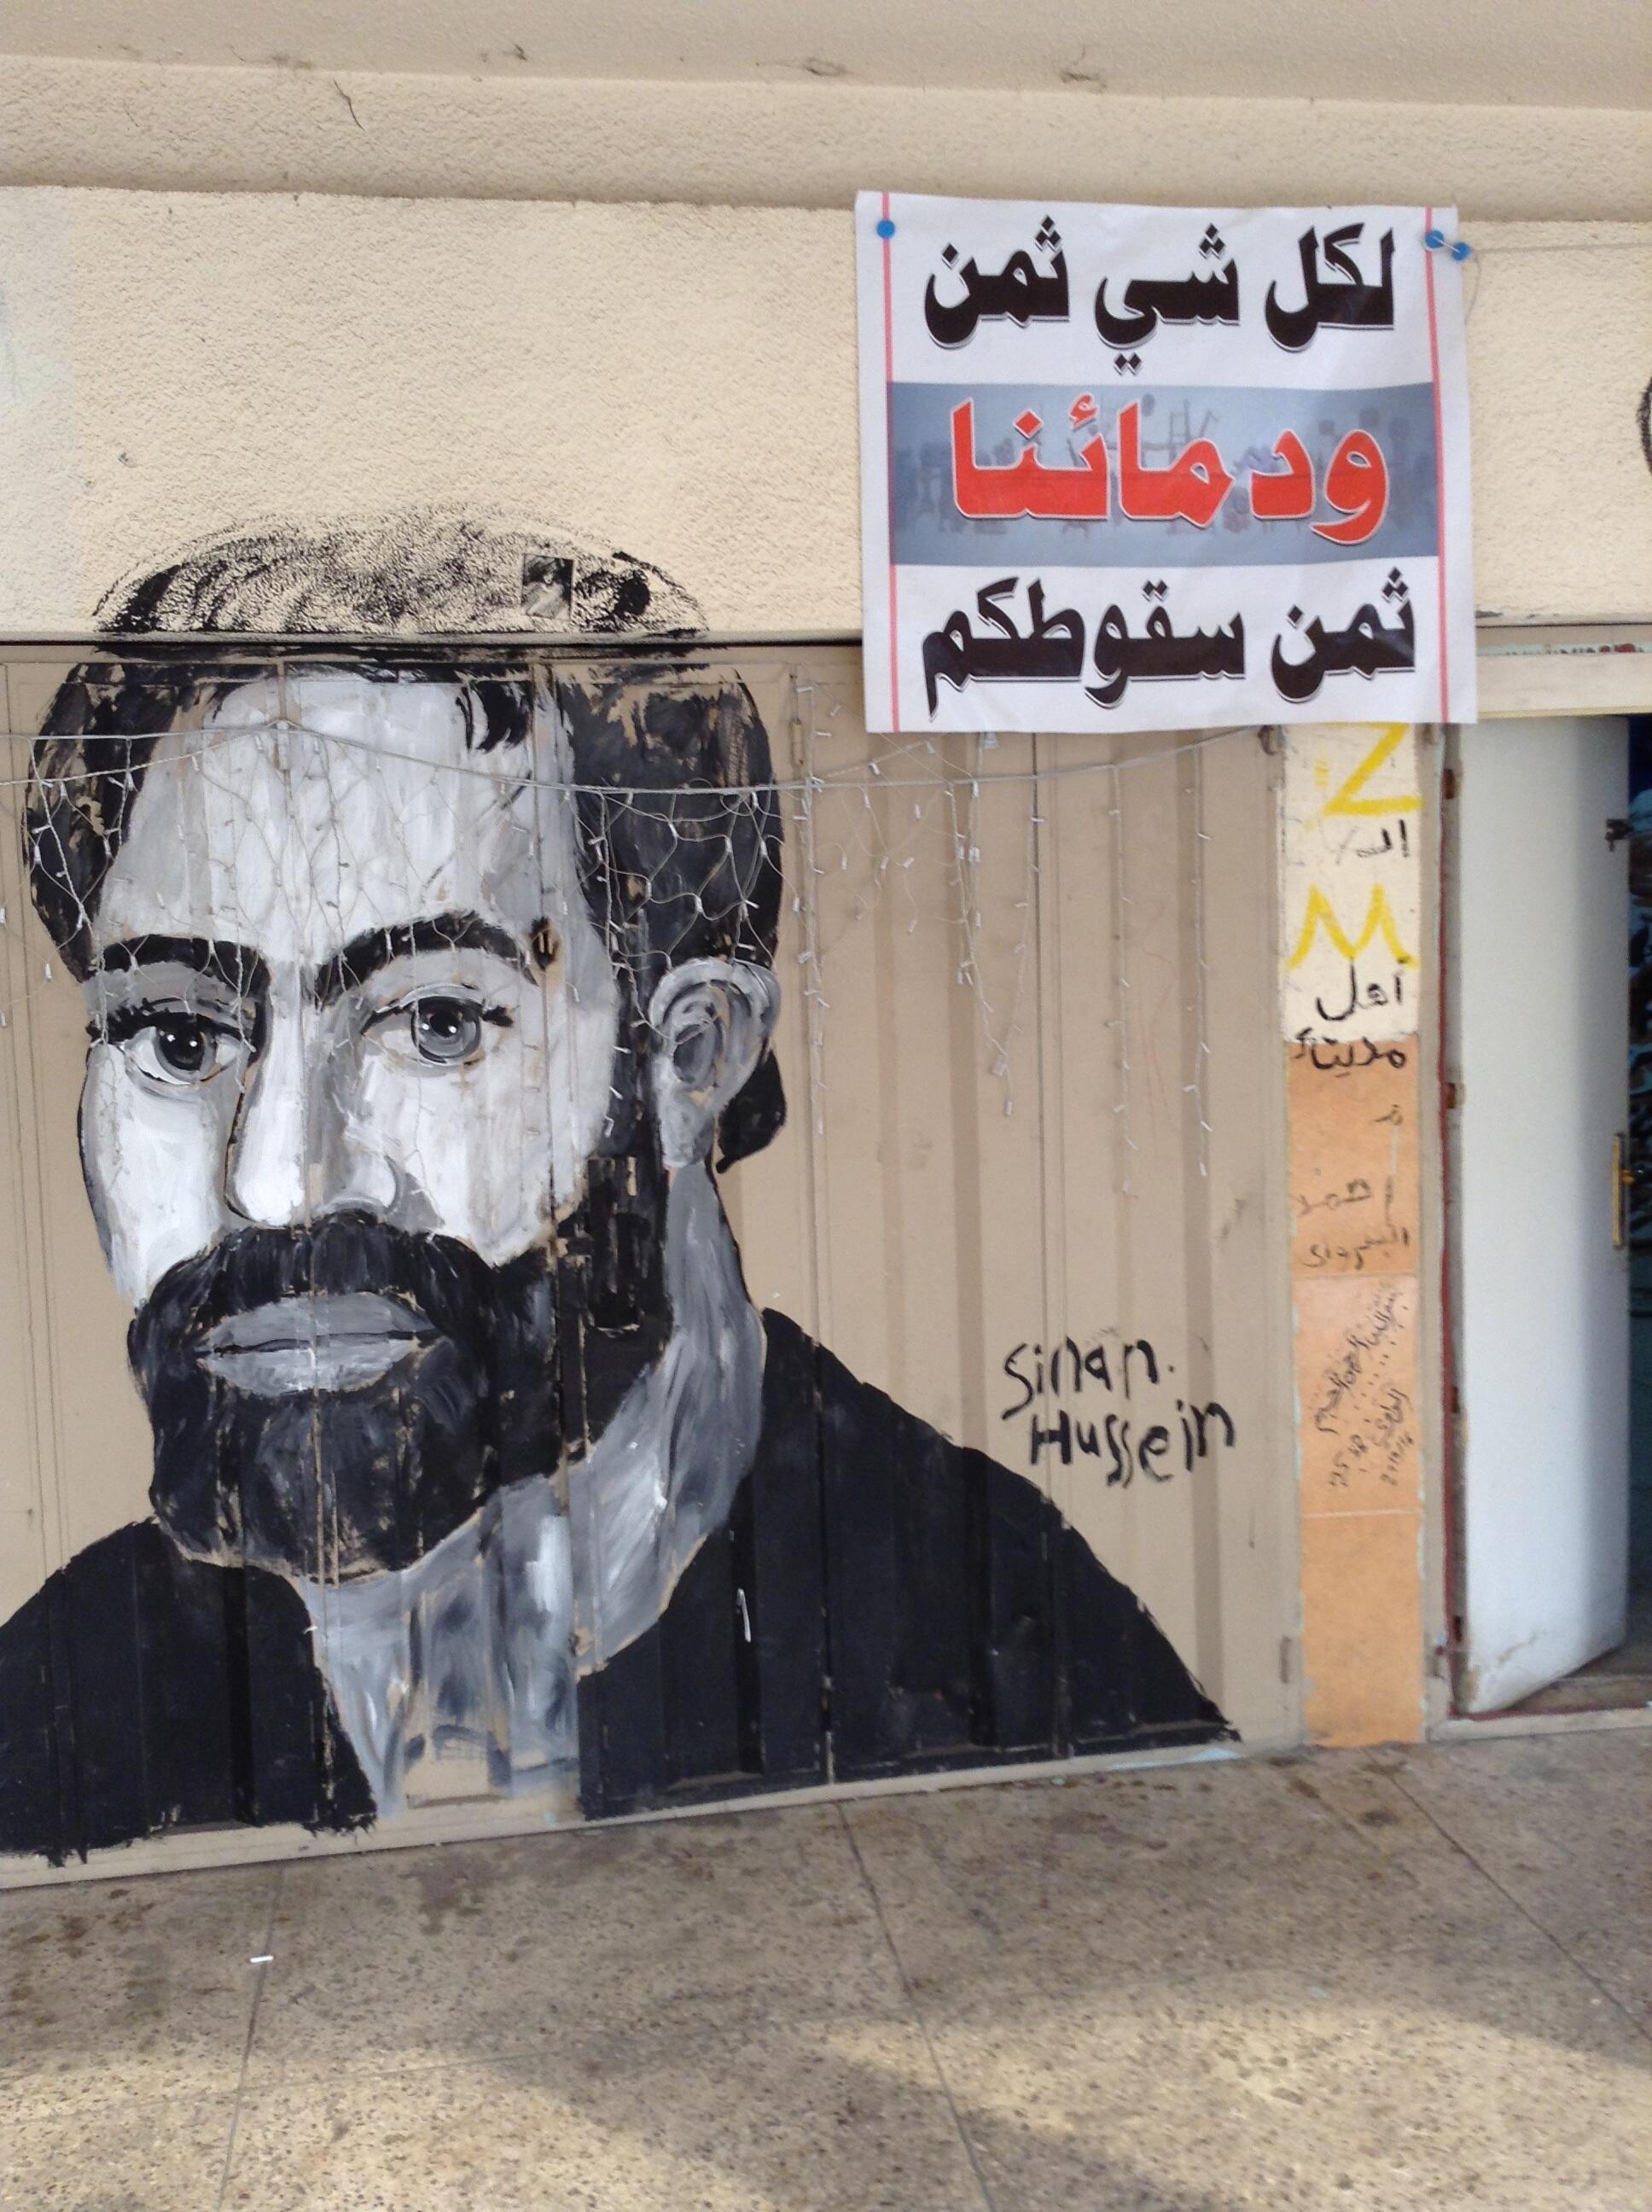 متظاهر قتل من قوات الأمن ورسم وجهه على جدار بساحة الحرية ببغداد. 19  يناير 2020.